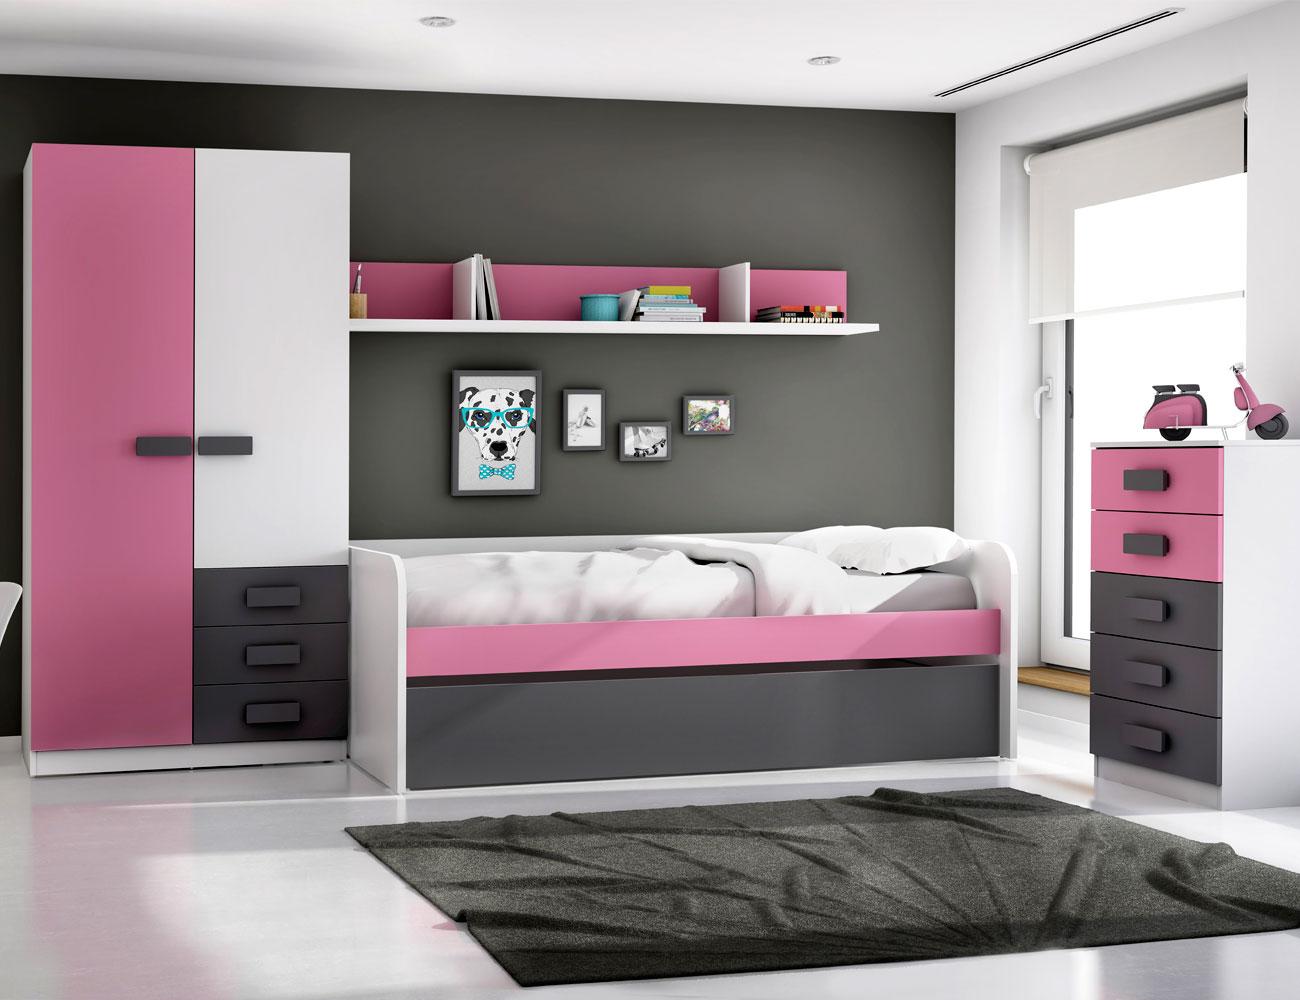 Dormitorio juvenil grafito rosa2